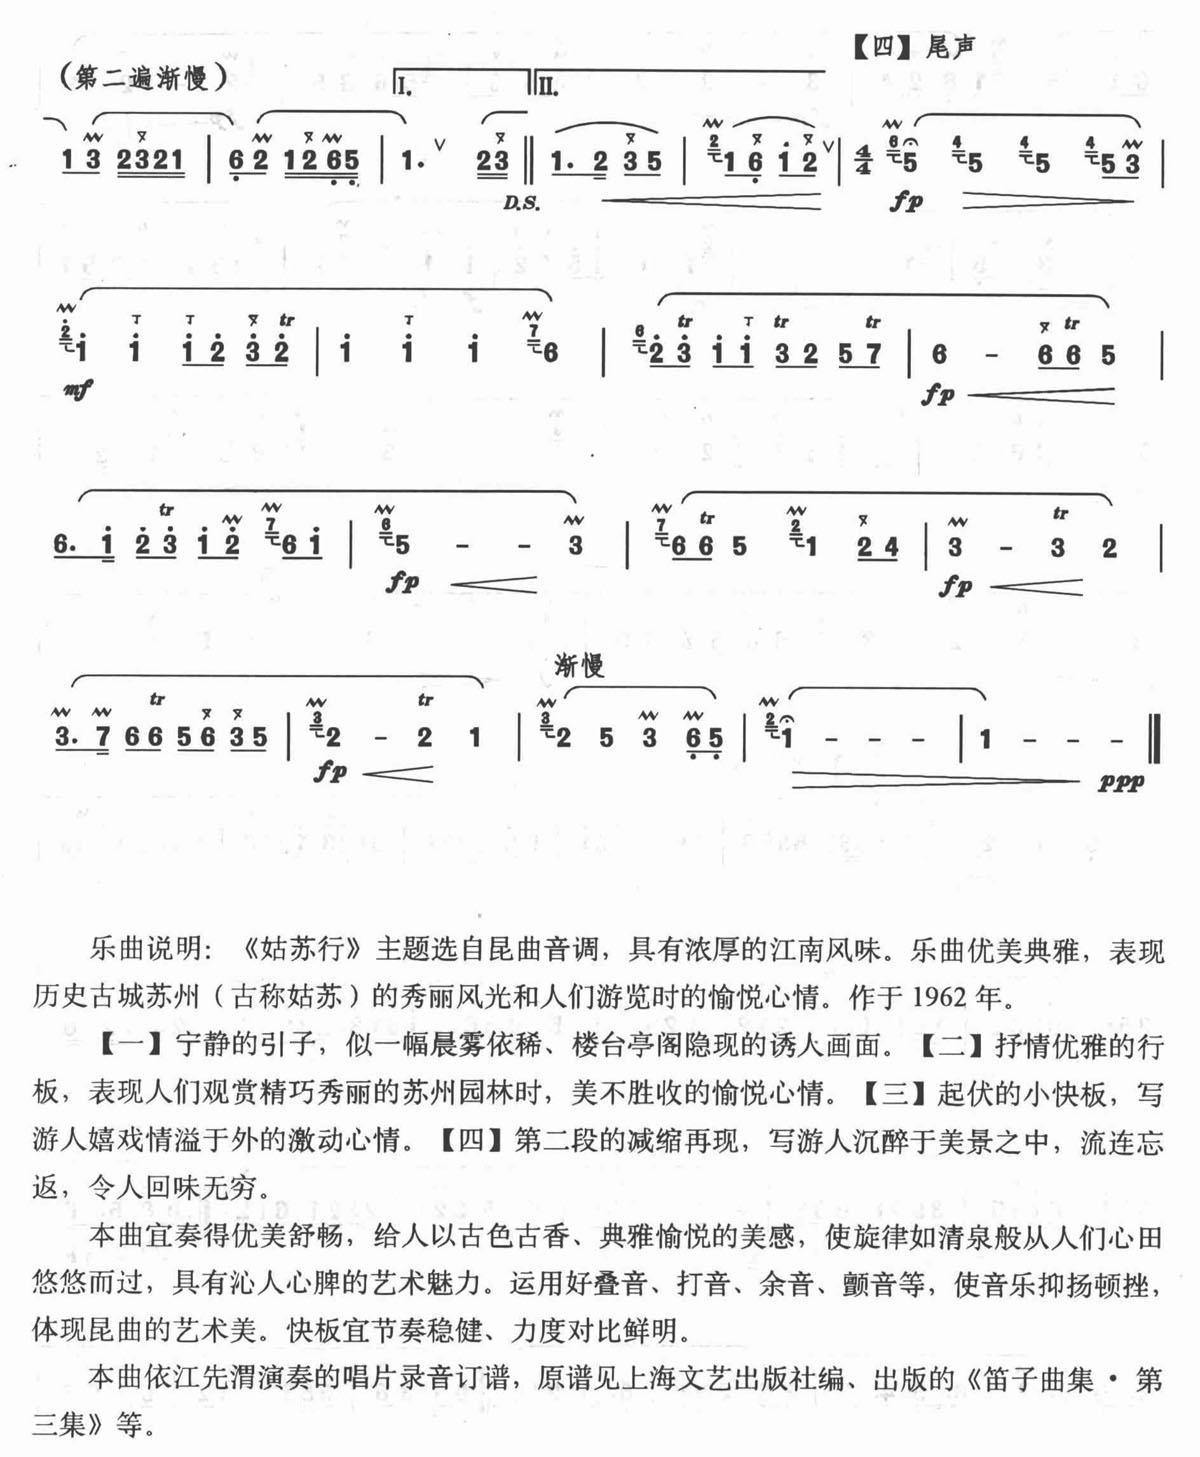 下载:姑苏行 笛子谱(高清版)笛子(箫)曲谱(图3)-姑苏行 笛子